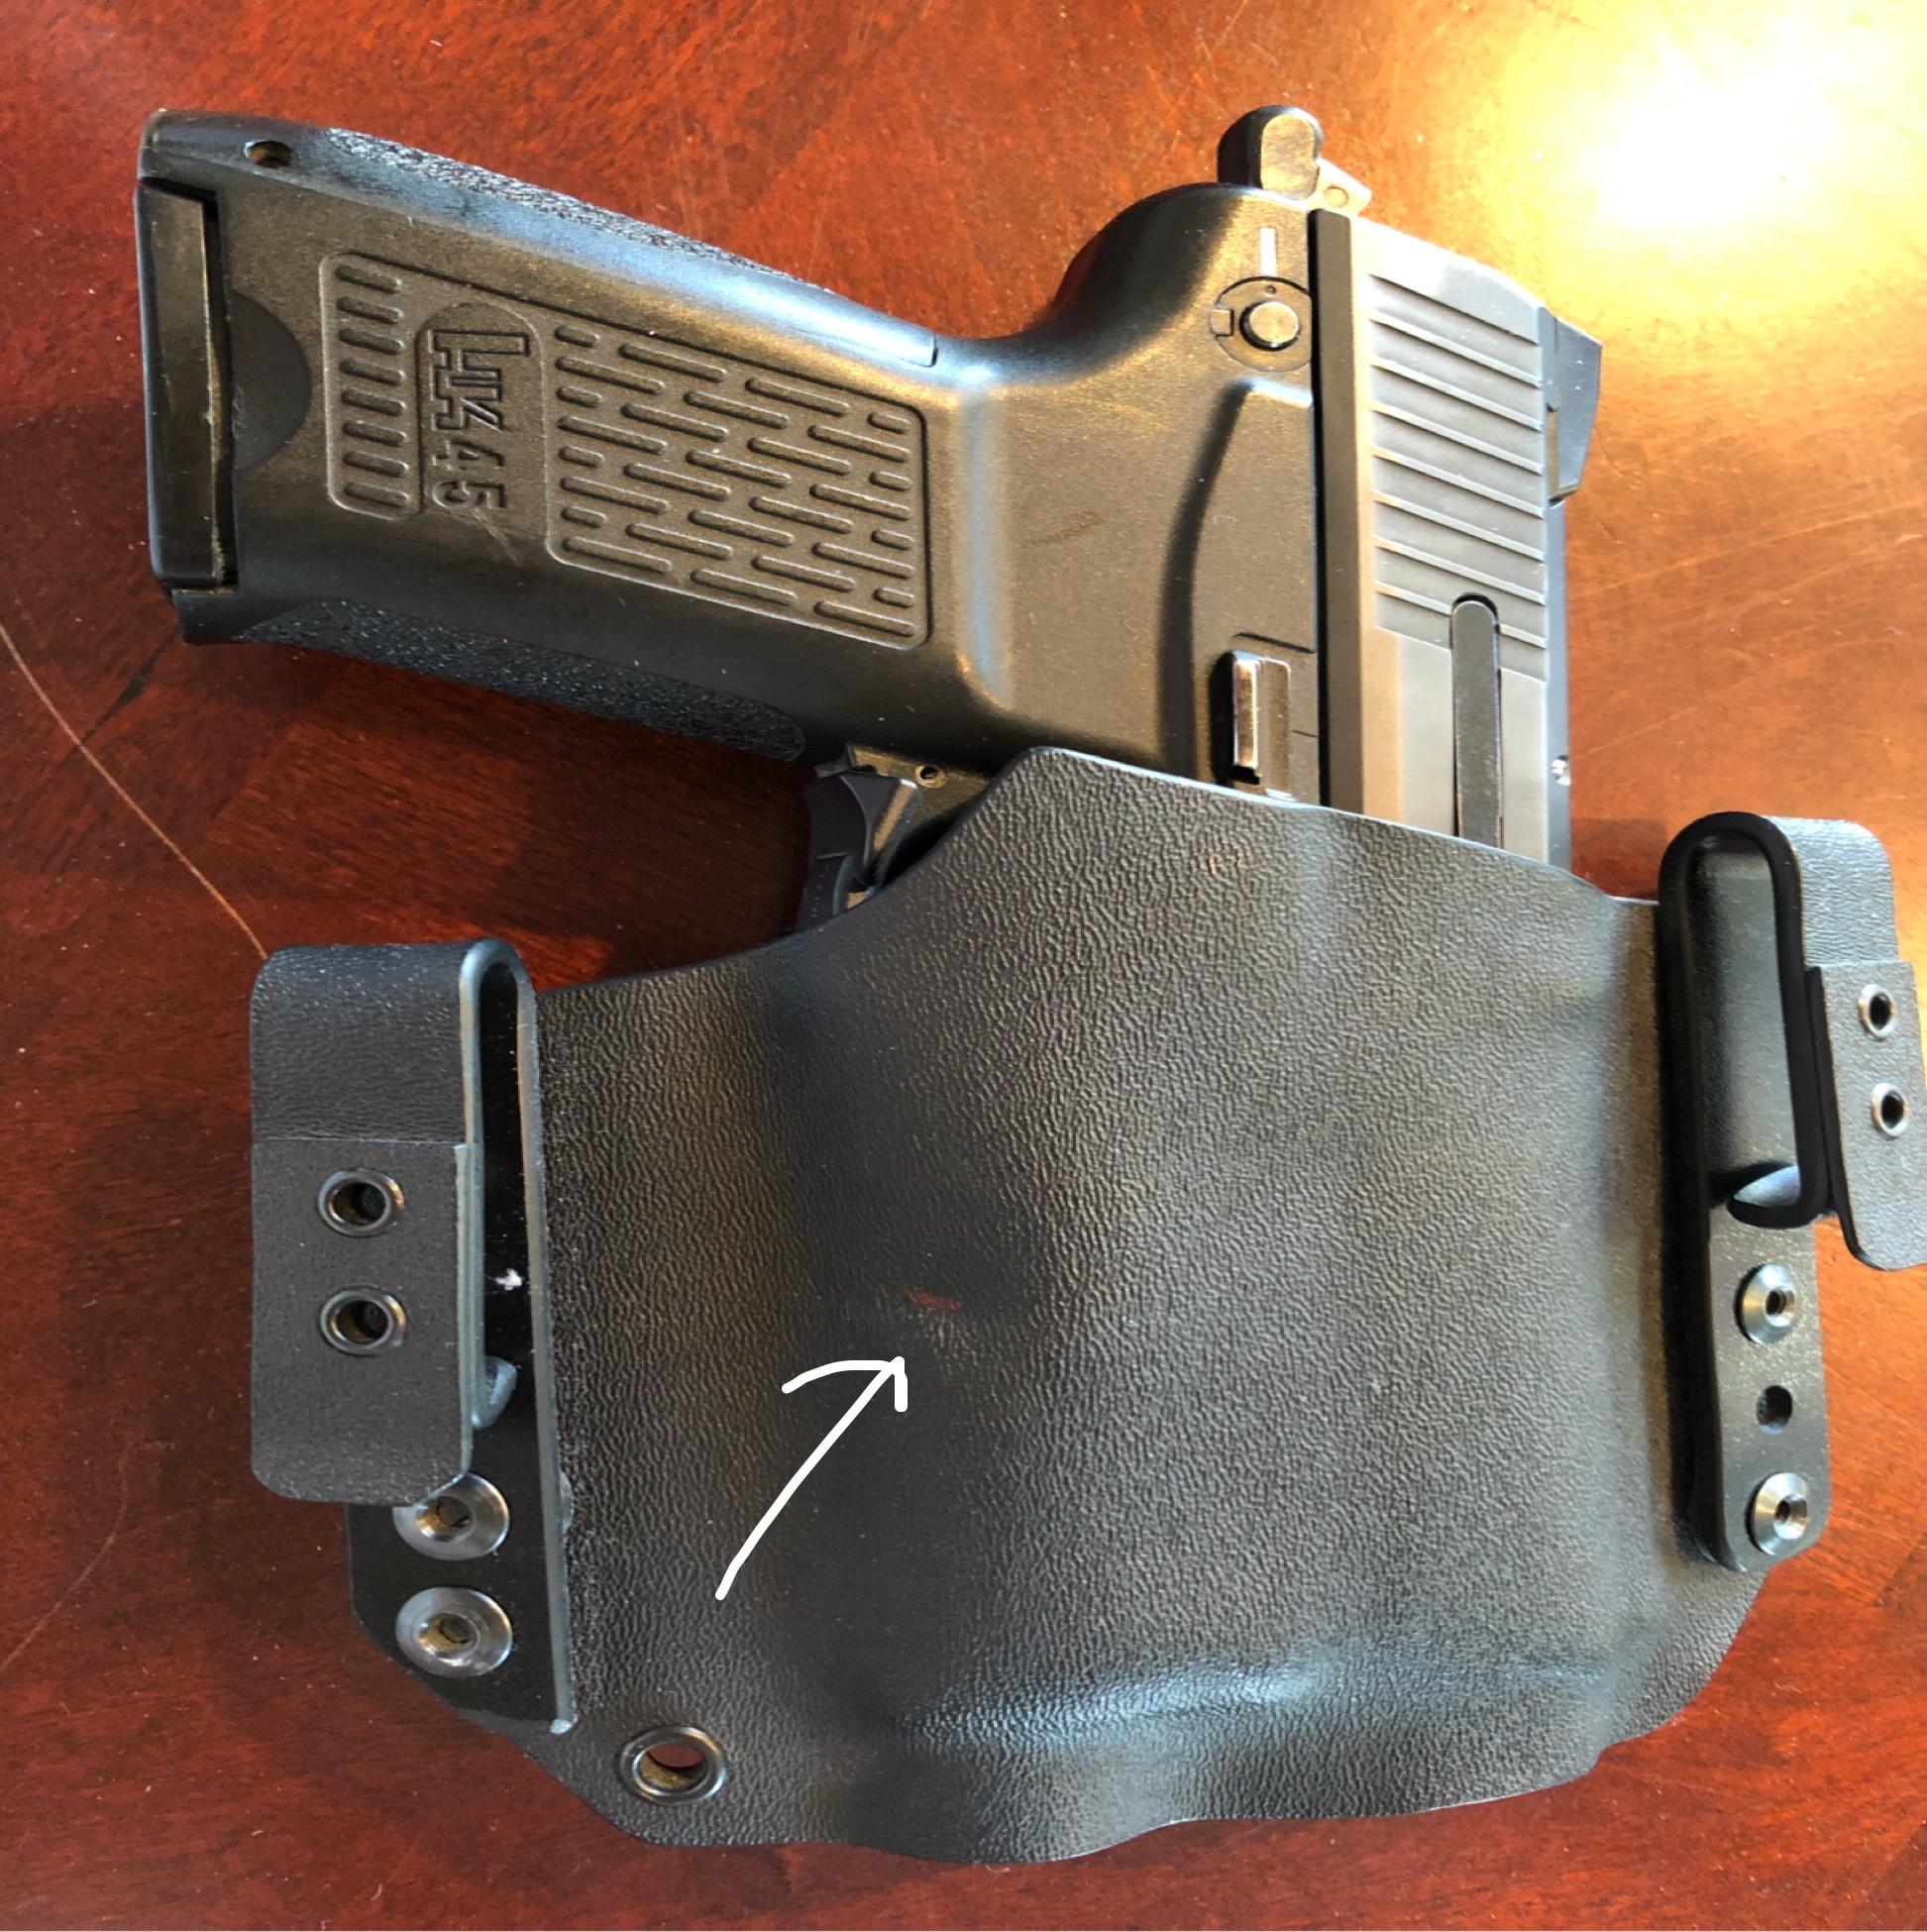 HK45C + TLR-7 + Kaluban Cloak holster-672431af-36dc-4173-af59-991c4ba68366.jpeg